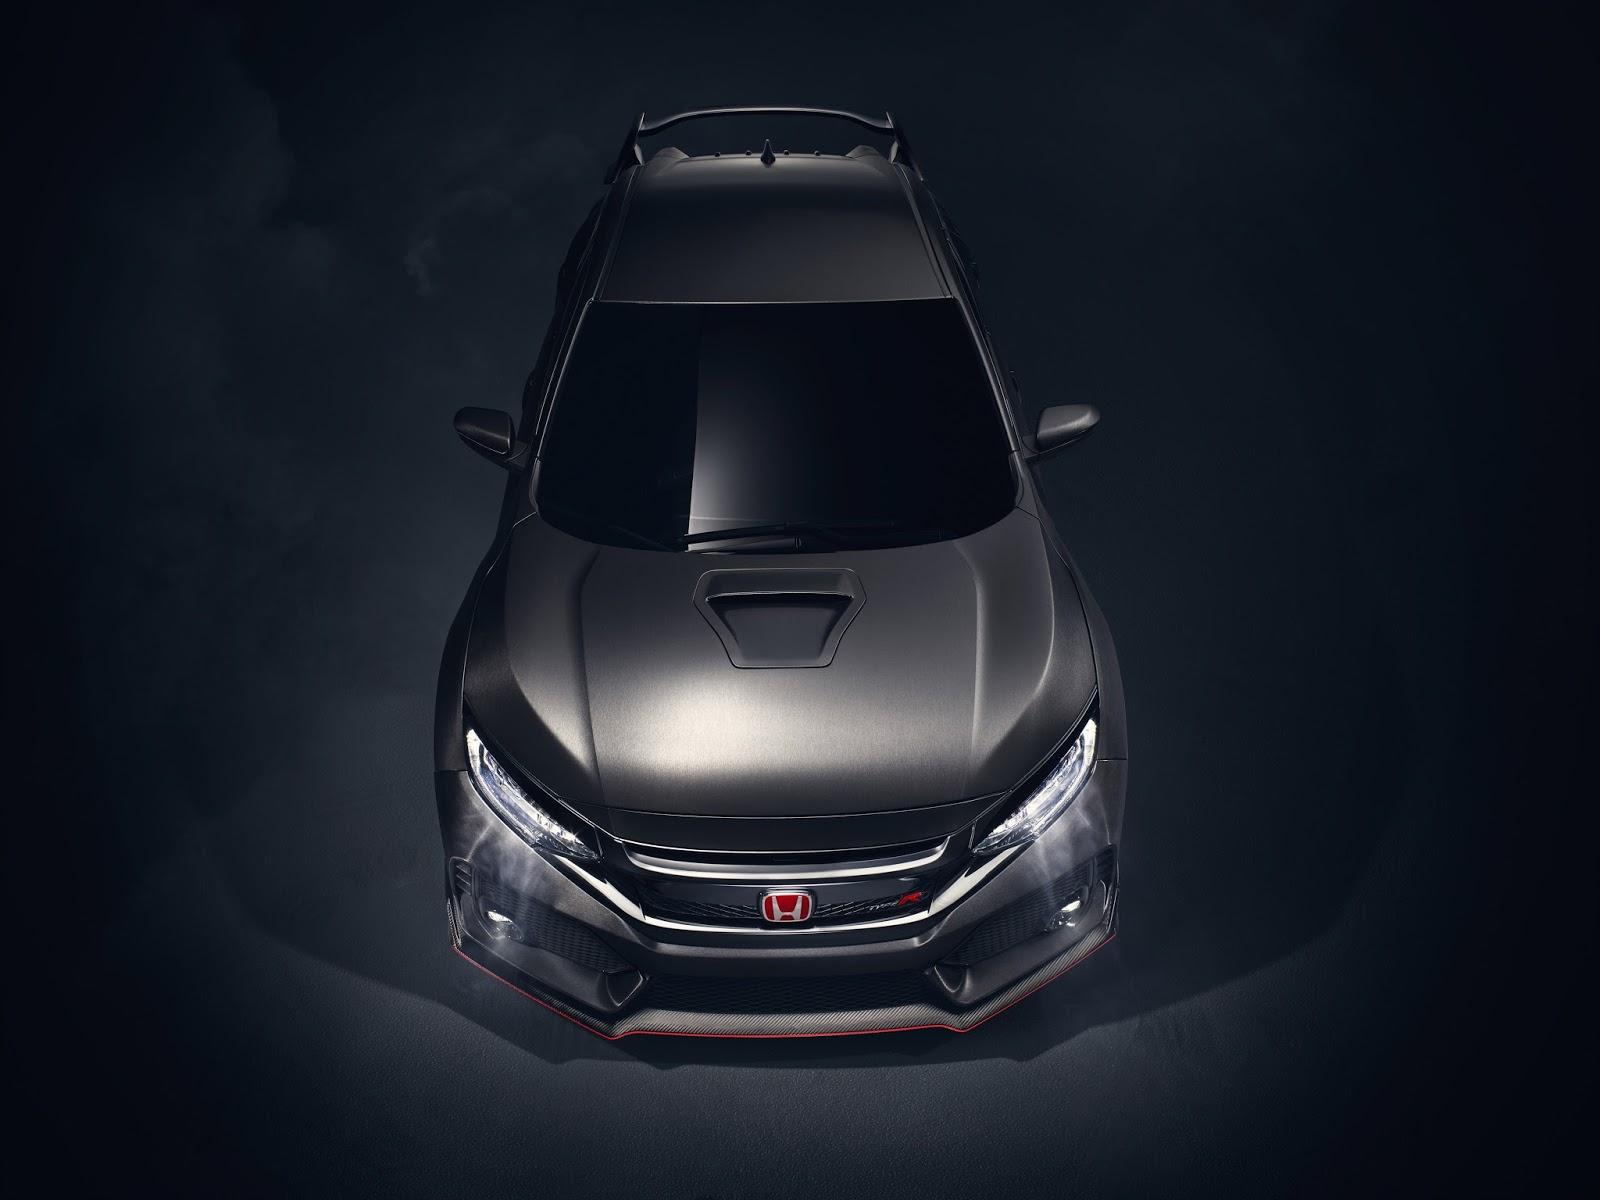 Τρία μοντέλα Honda δίνουν μία γεύση από το μέλλον στην Έκθεση Αυτοκινήτου της Γενεύης 2017